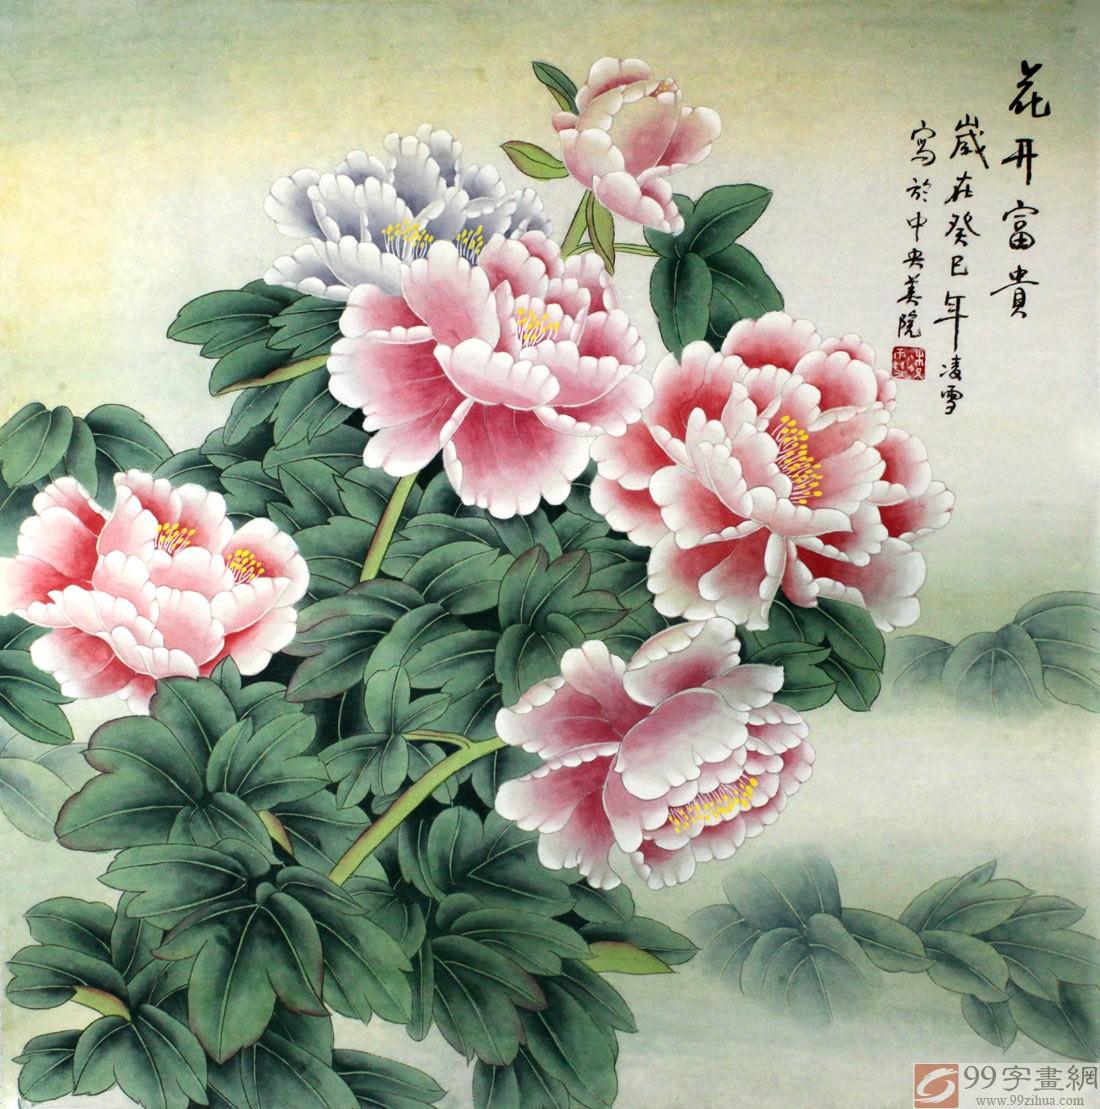 凌雪牡丹工笔国画 牡丹画